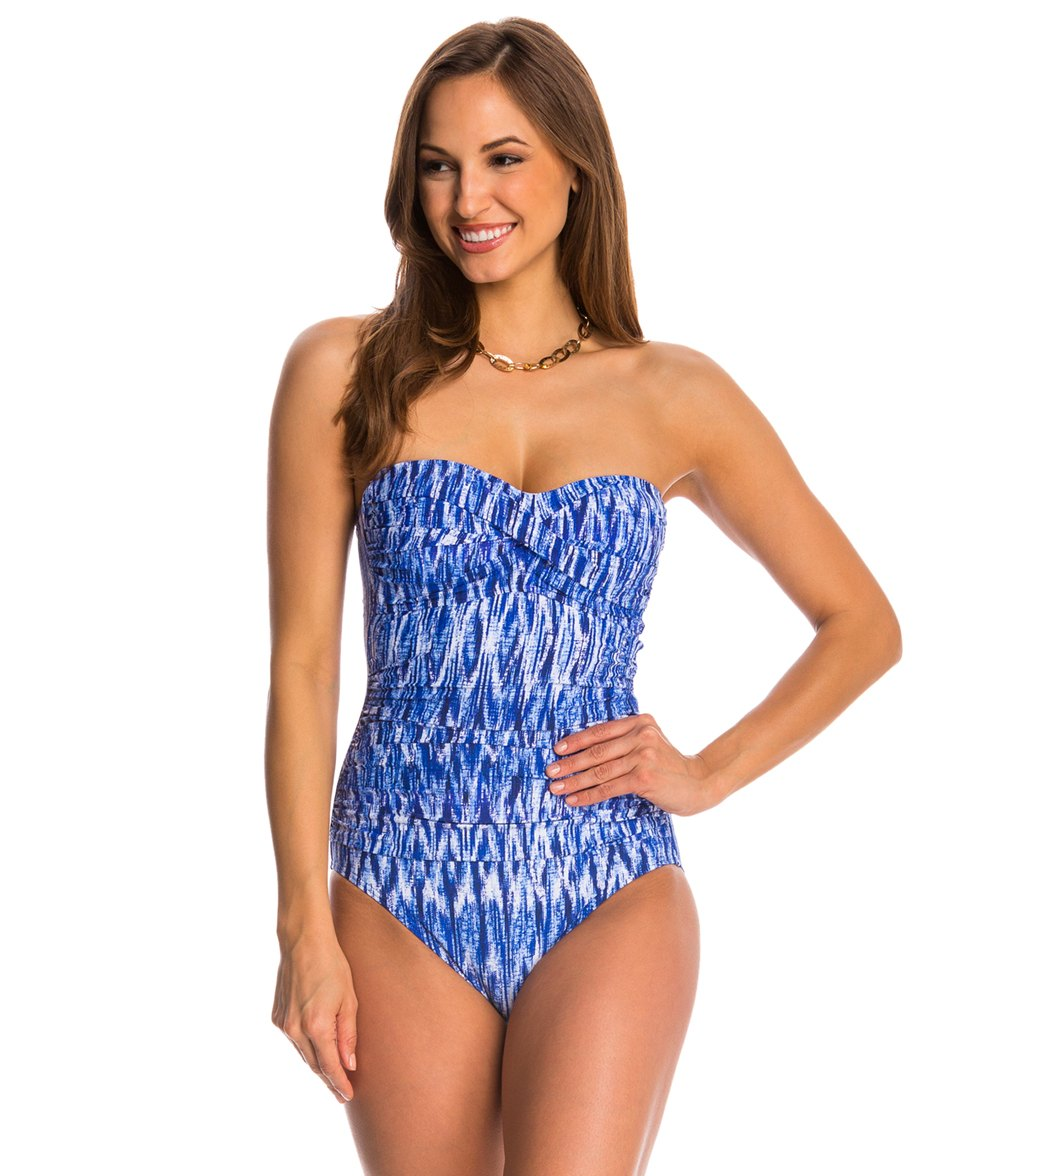 Online Swimwear Shops Uk